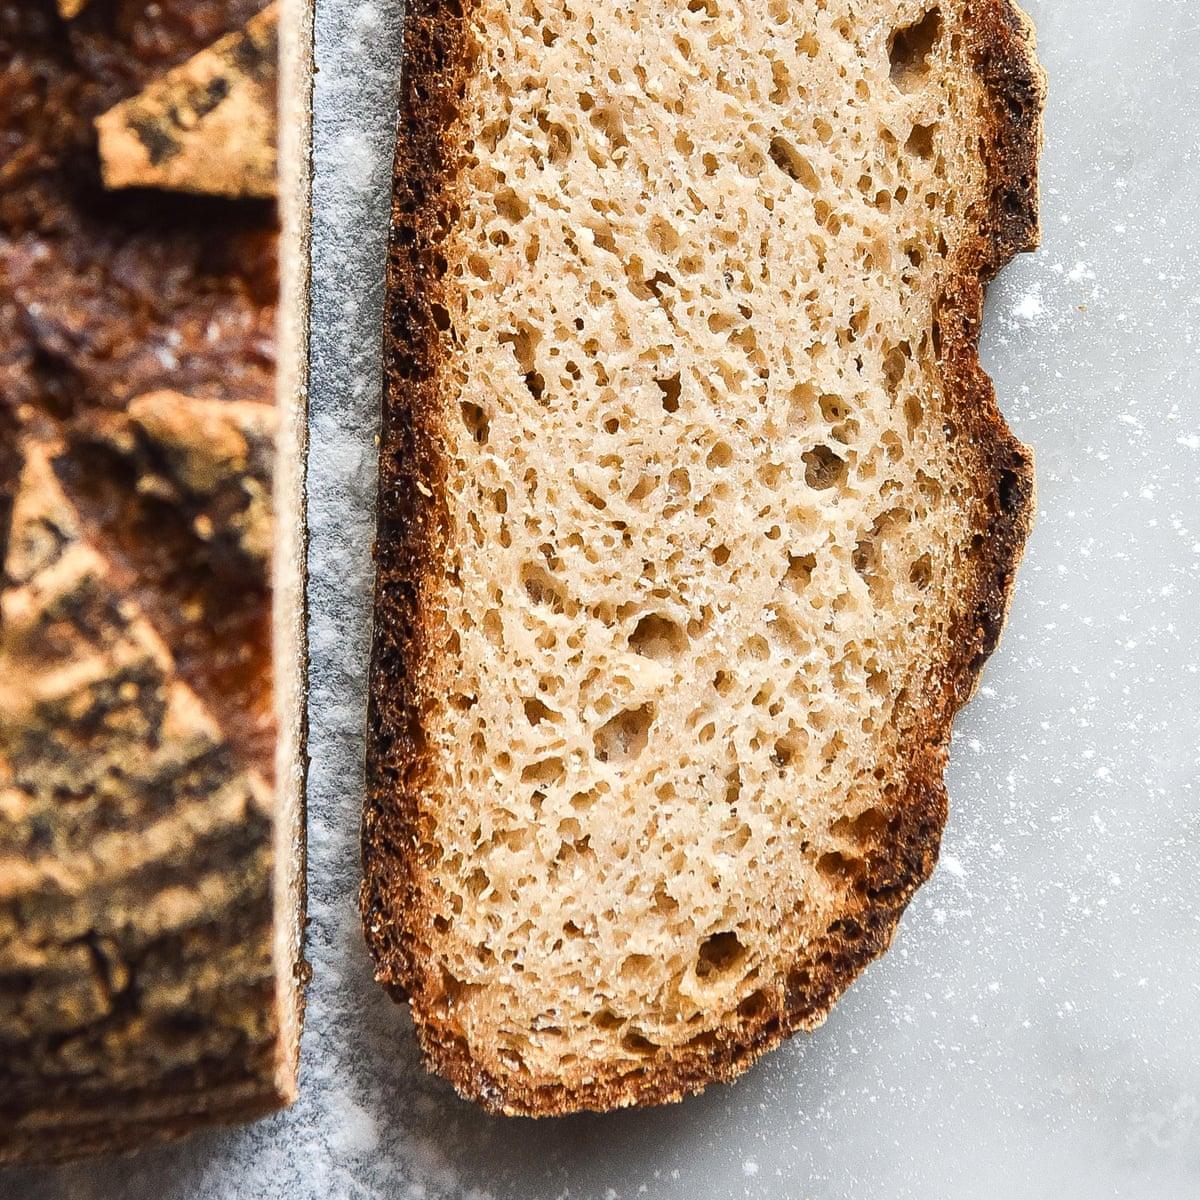 sourdough bread on a gluten free diet